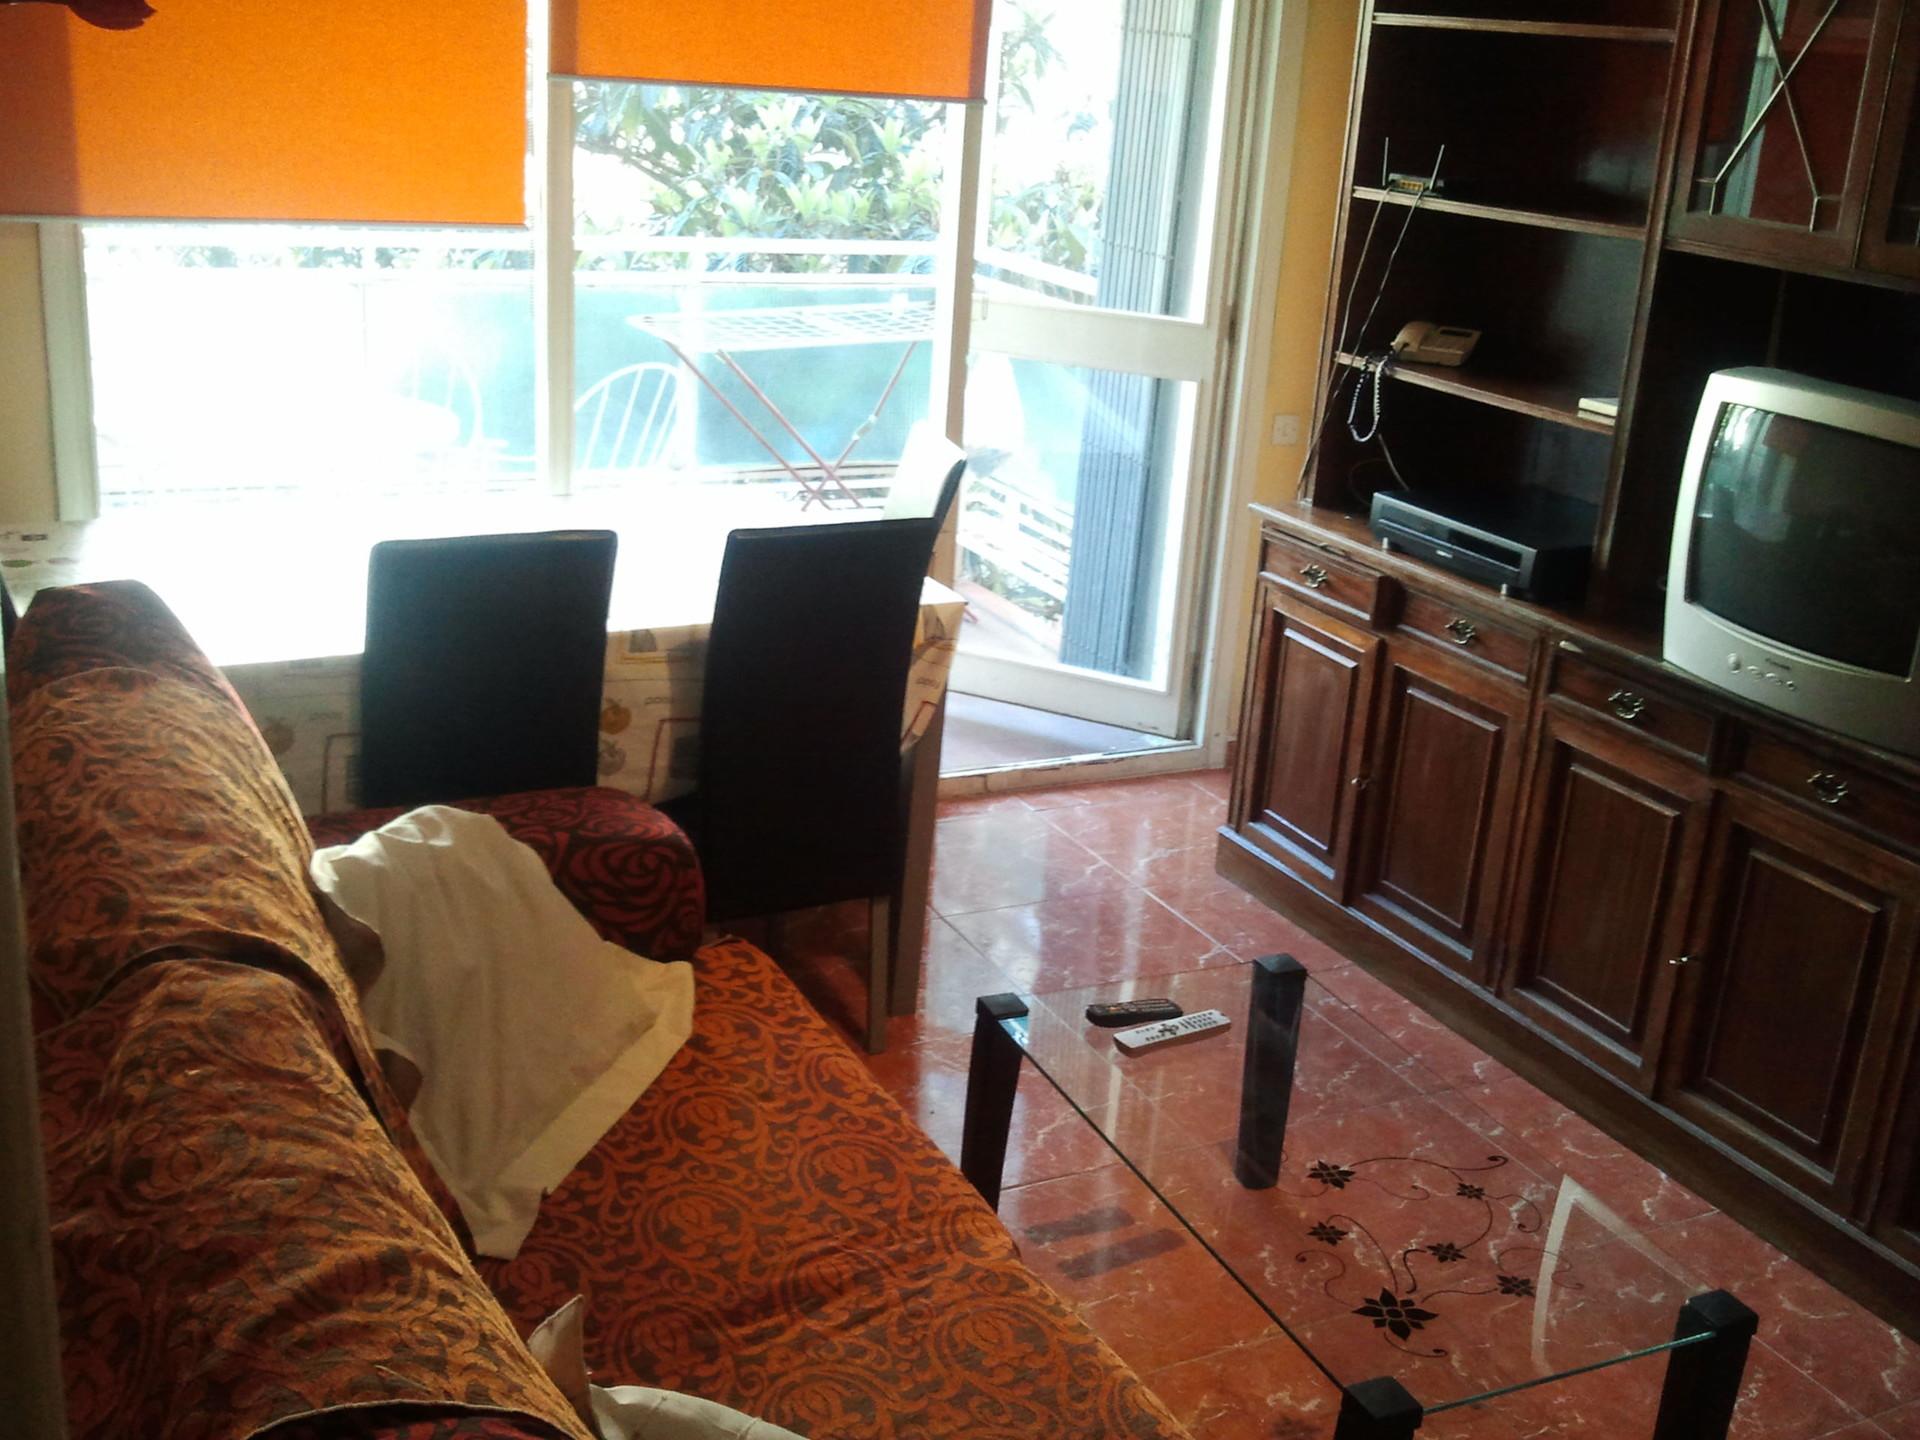 habitacion-piso-compartido-madrid-79a2e062b89f345a4d772d6e07ecdb6d